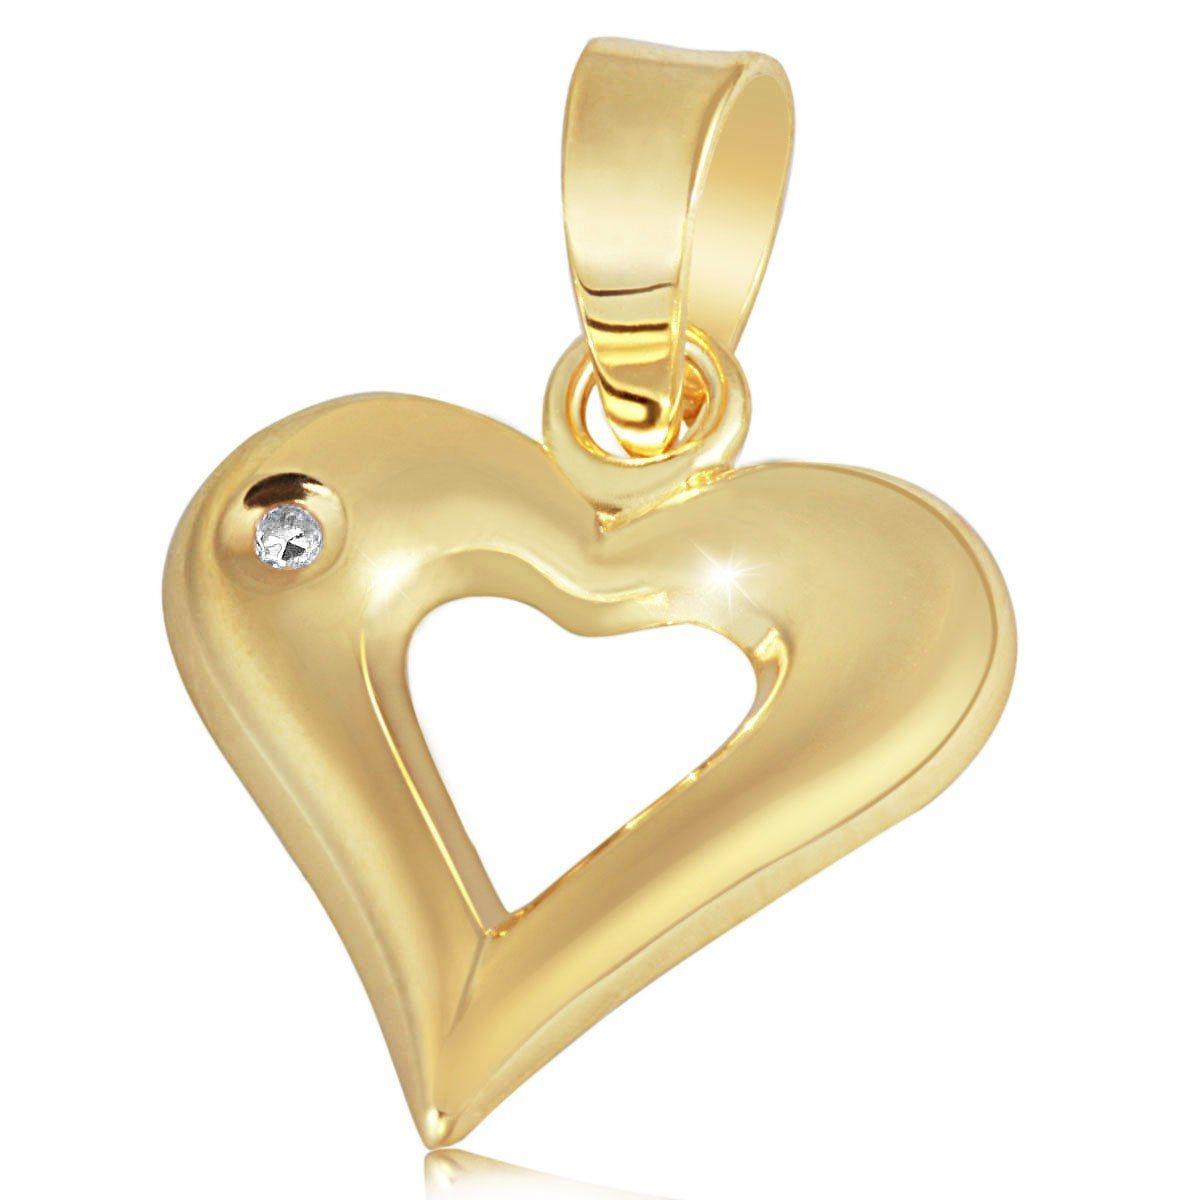 goldmaid Anhänger Herz Gelbgold 585/- 1 Diamant 0,01 ct. | Schmuck > Halsketten > Herzketten | Gold | goldmaid